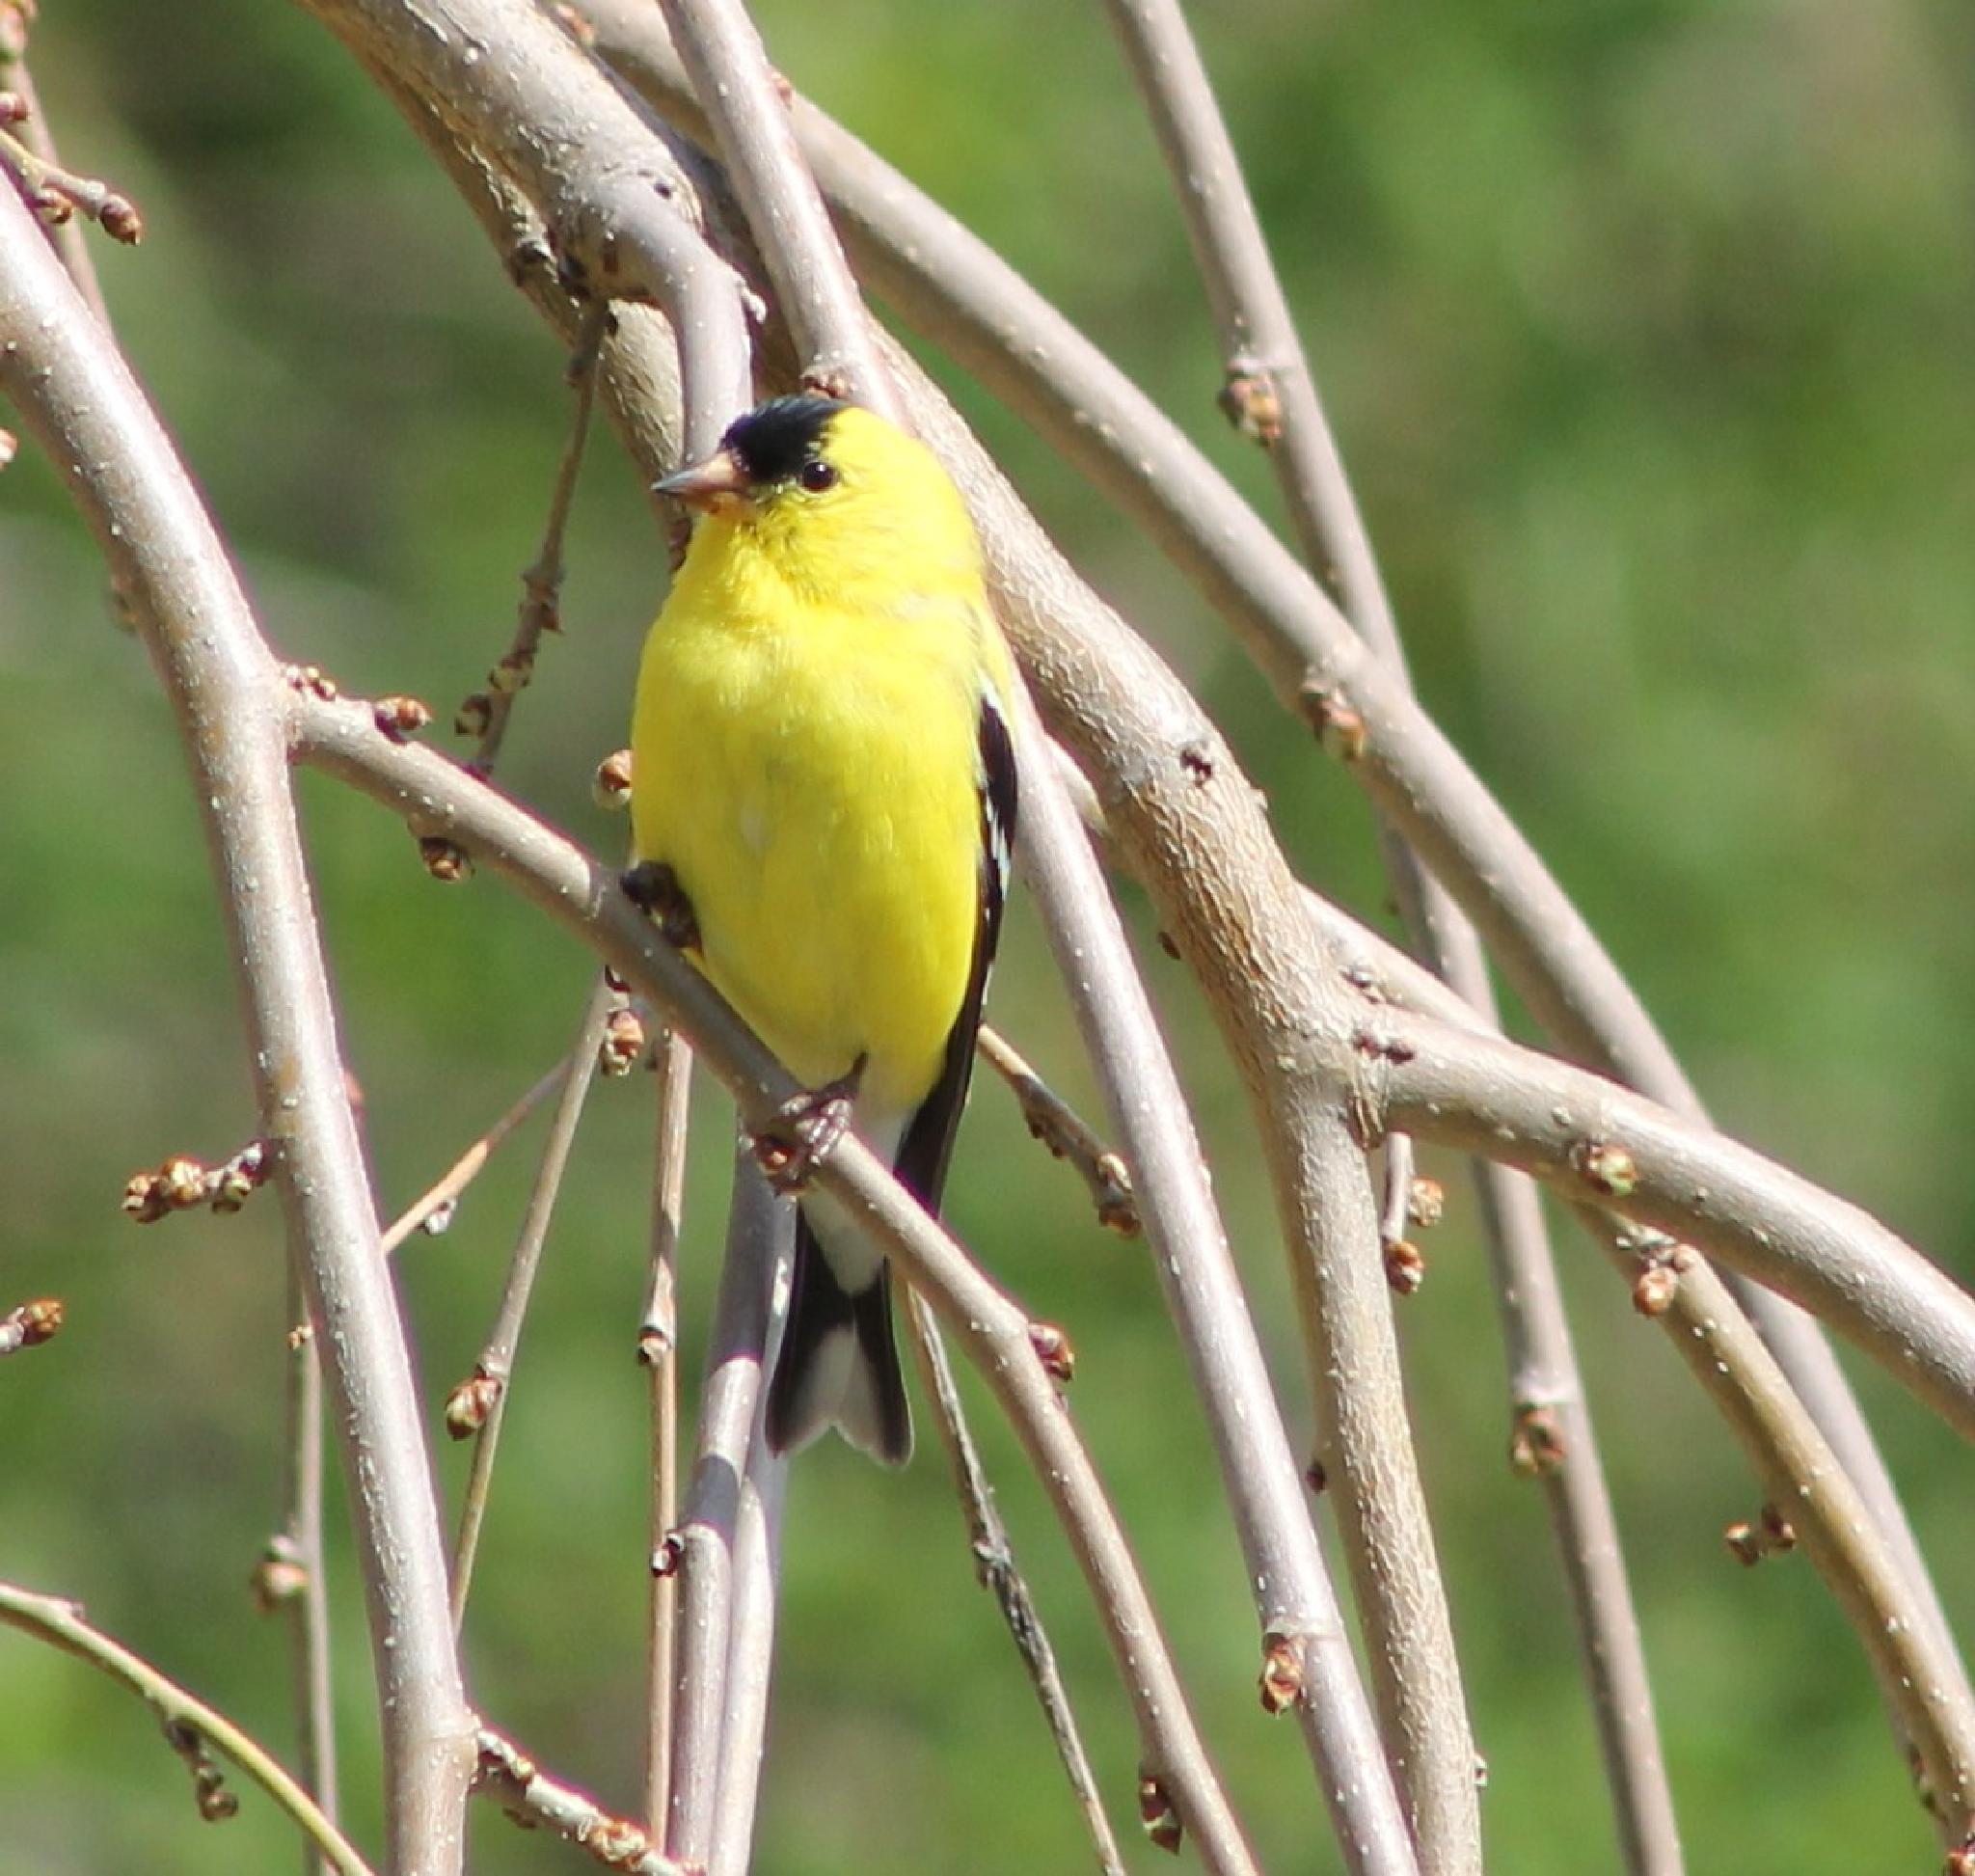 yellow finch by Heather Marie Glynn